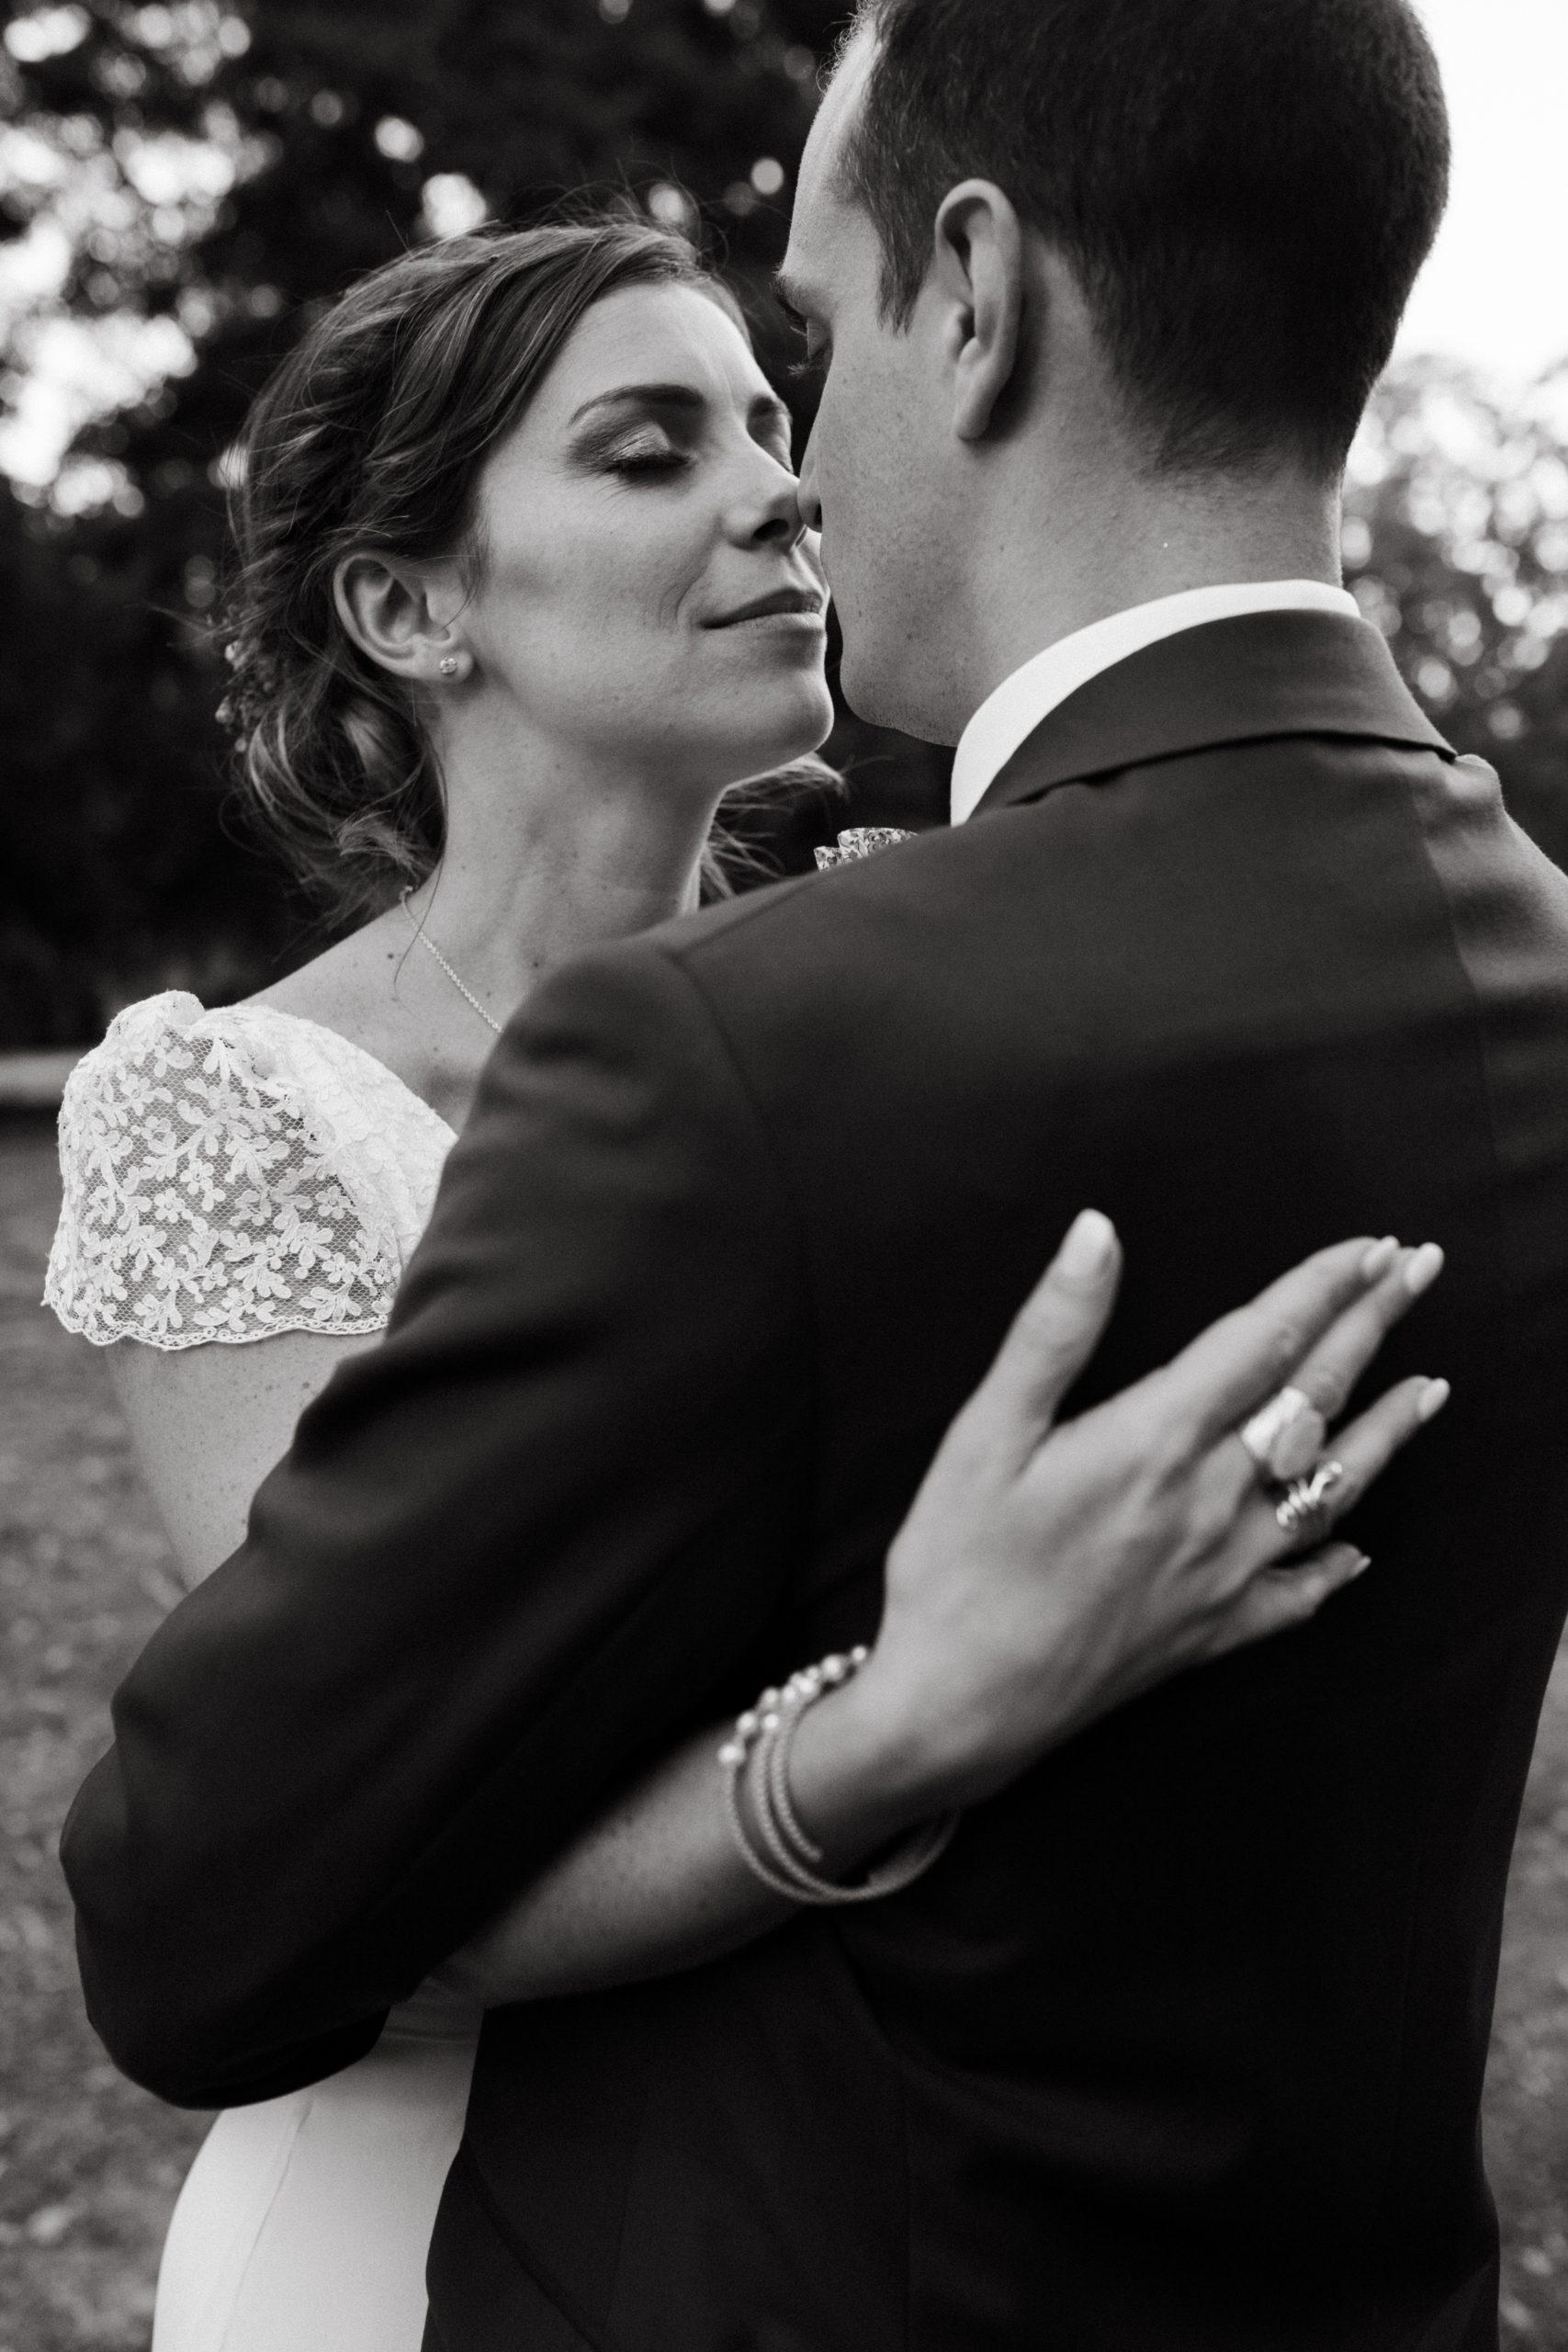 UTOPICLOVERS20200718 – MARIAGE Segolene Thomas 10360 2 scaled - Un mariage simple et joyeux au Manoir Tourieux dans le beaujolais.